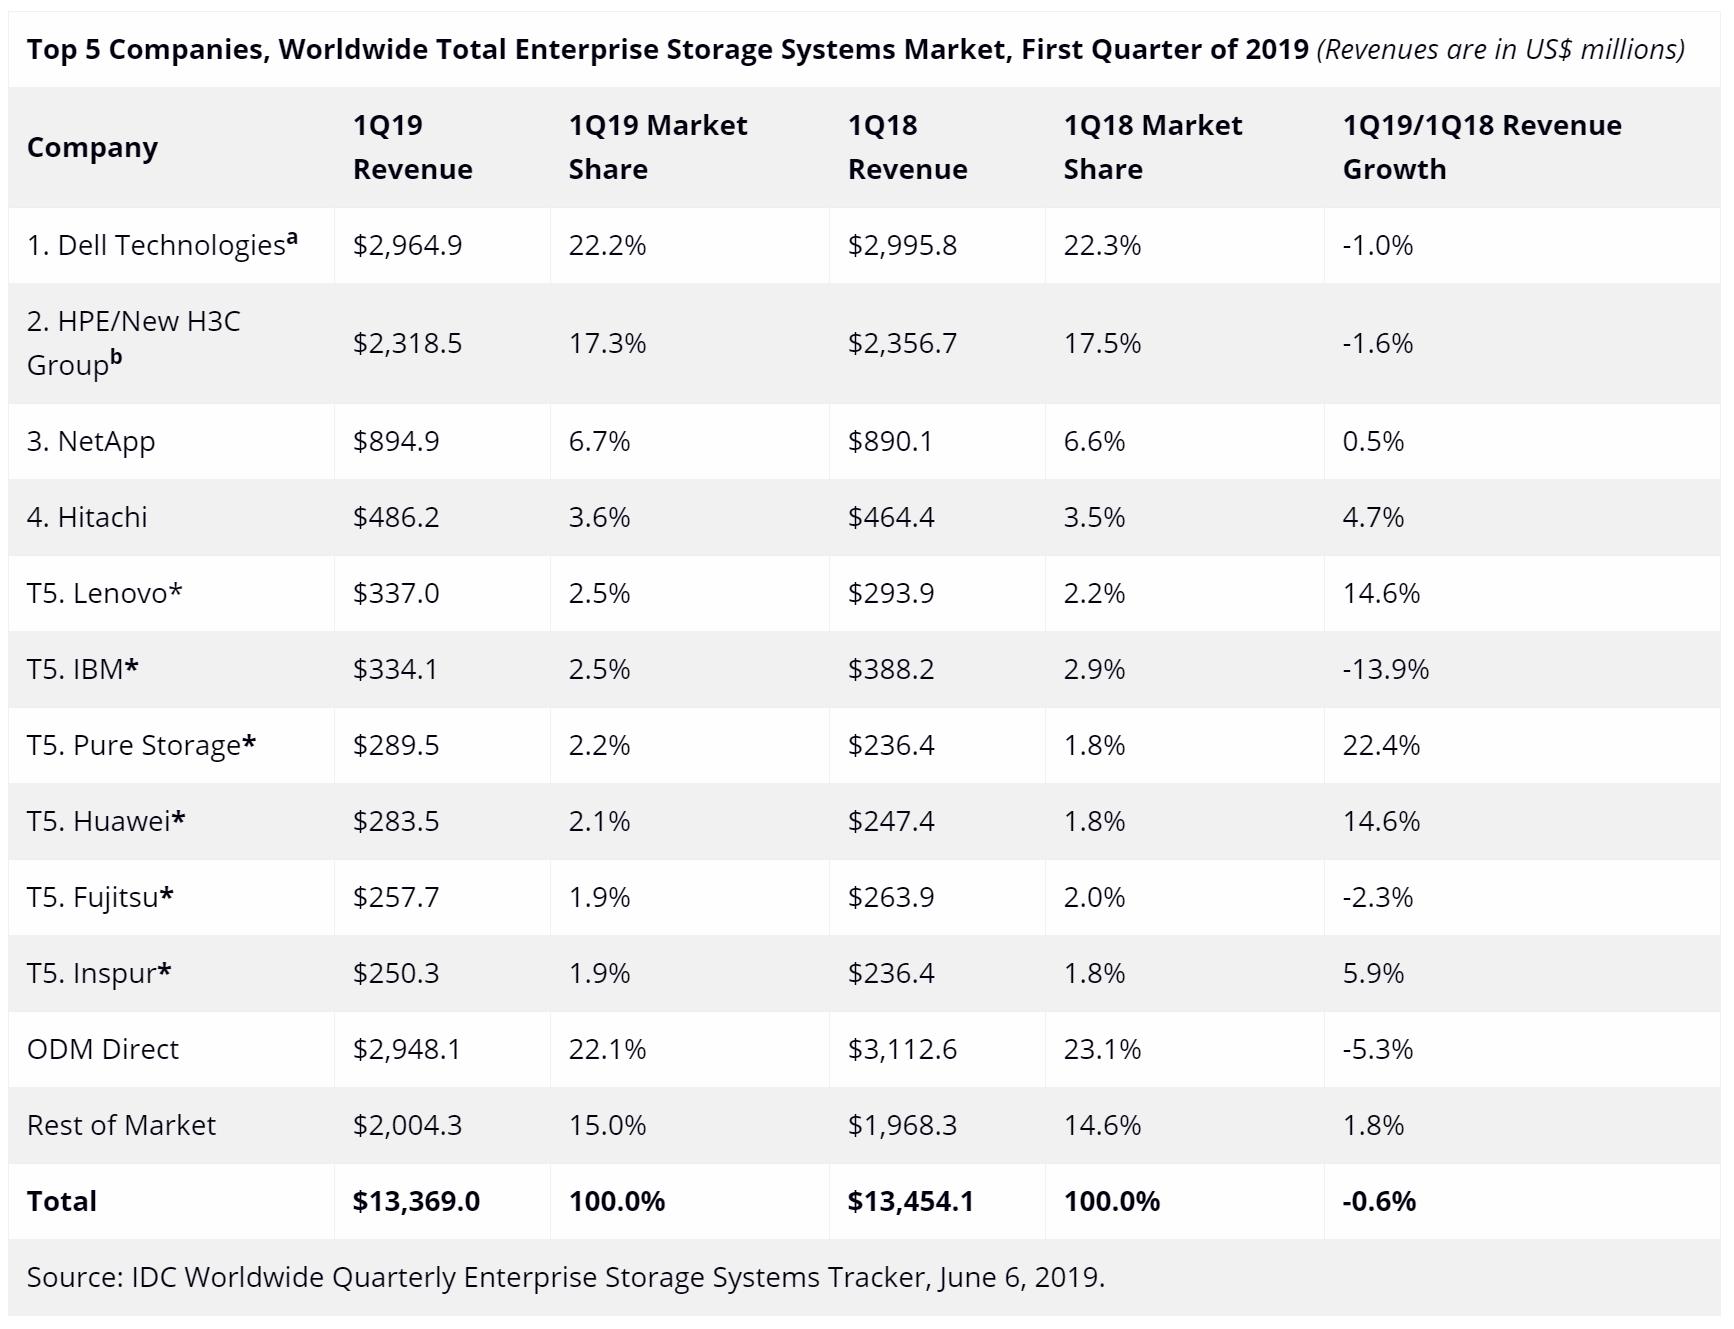 全球企业存储市场一季度排名:华为联想进前十,戴尔惠普遥遥领先